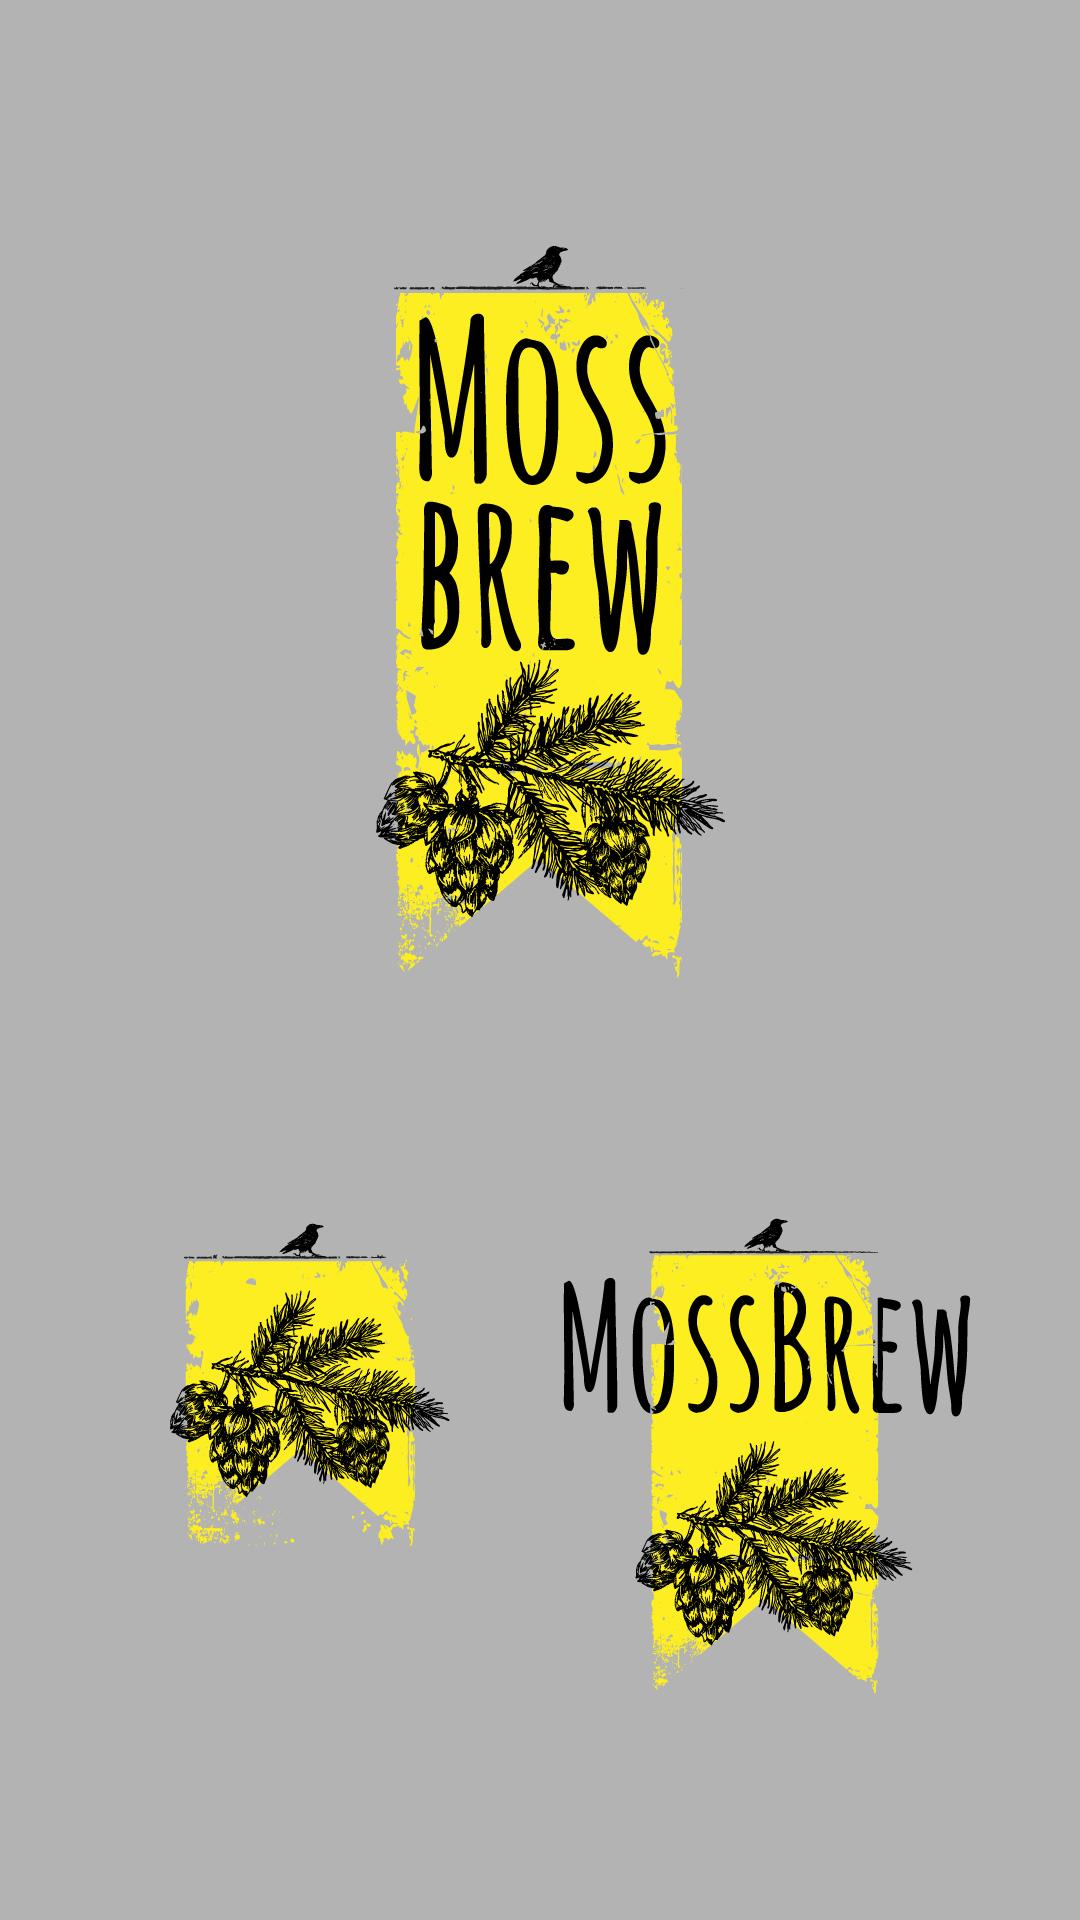 Логотип для пивоварни фото f_452598cb708254c1.jpg